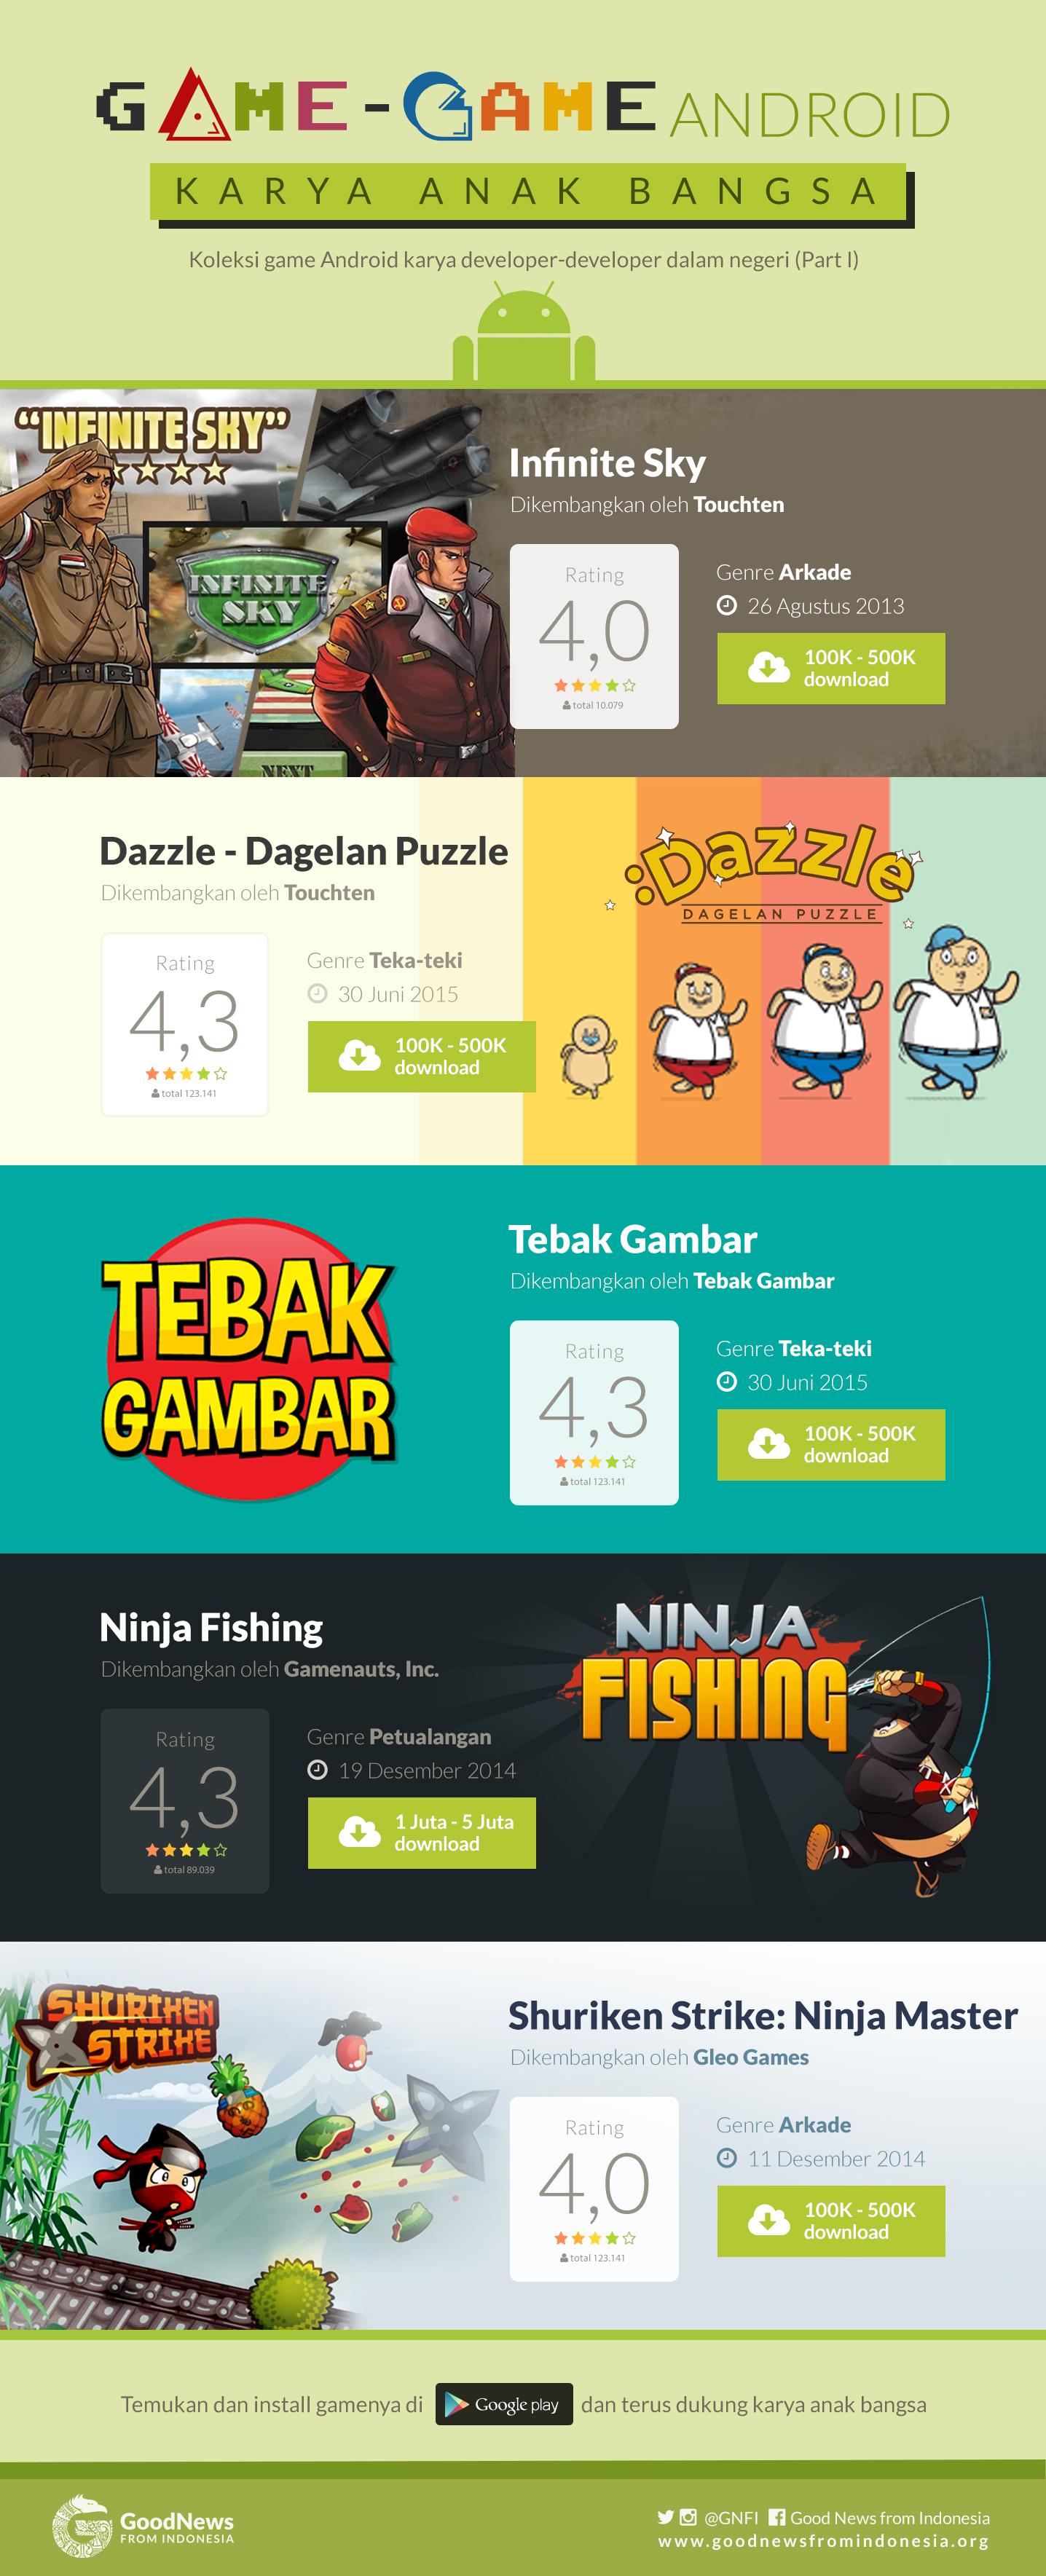 Game – Game Android Karya Anak Bangsa